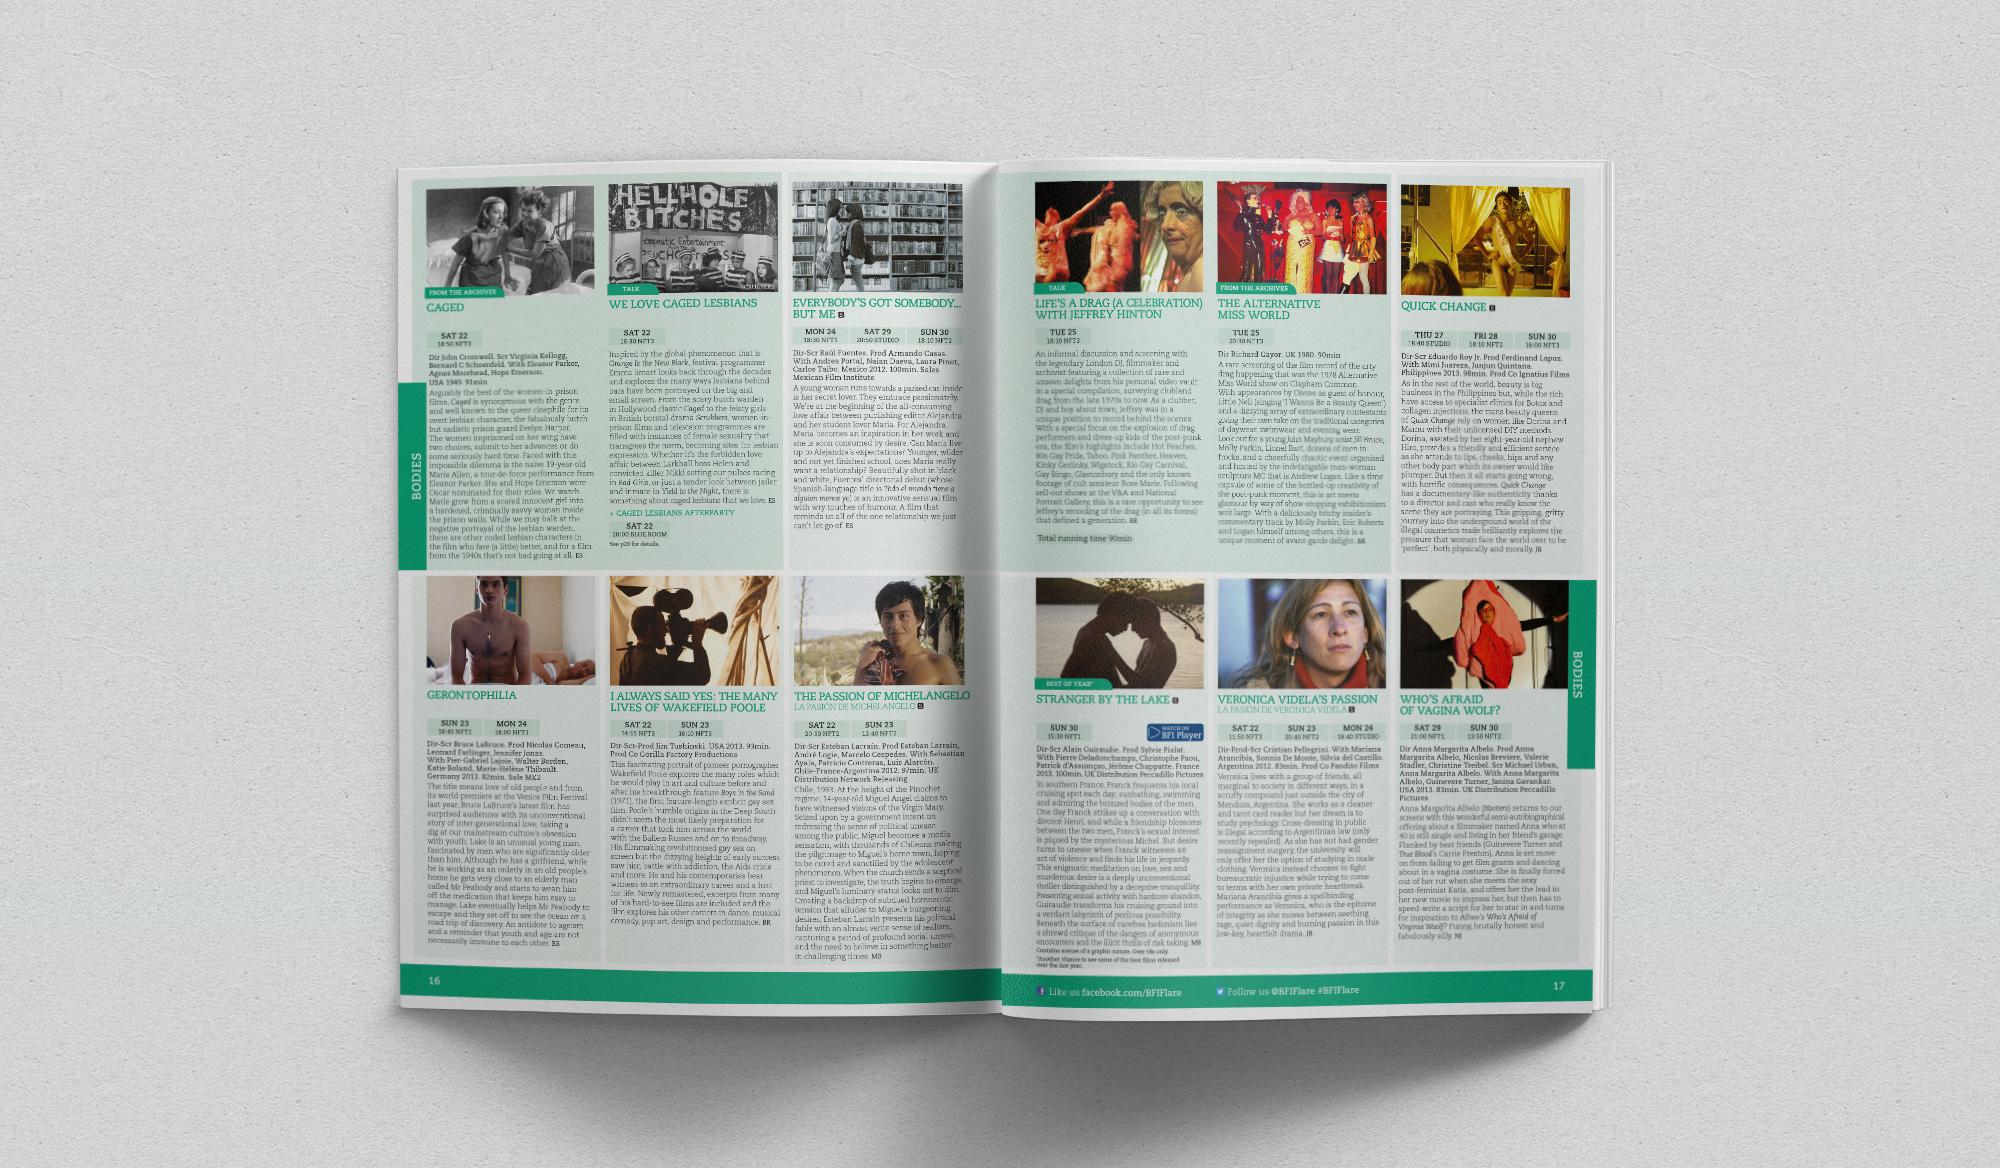 Flare-brochure-inner-background-05